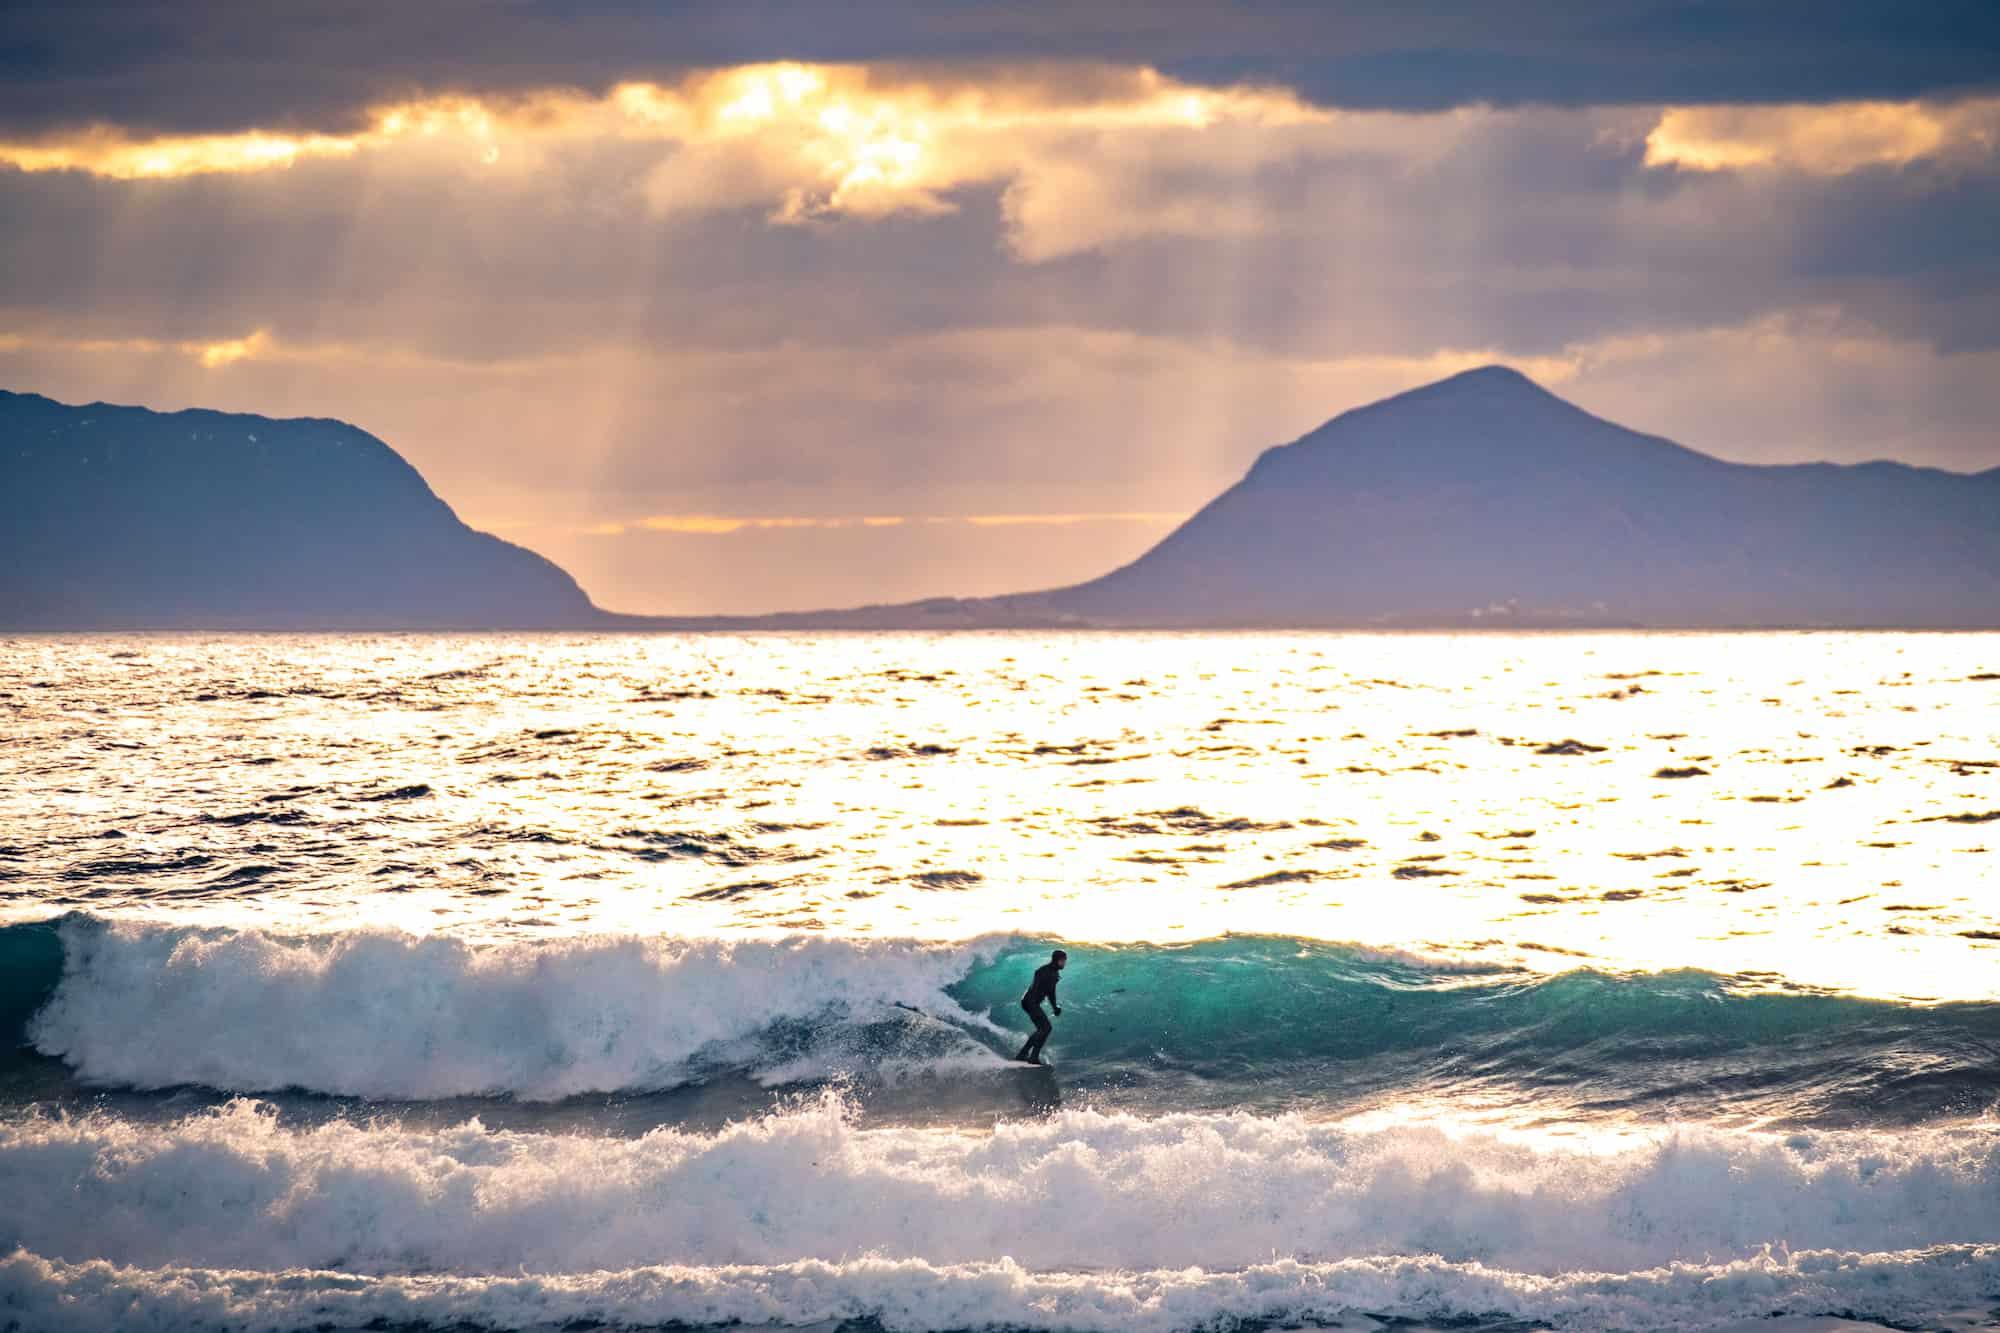 Fra Skedsmokorset til sjøs – surfing i Ålesund